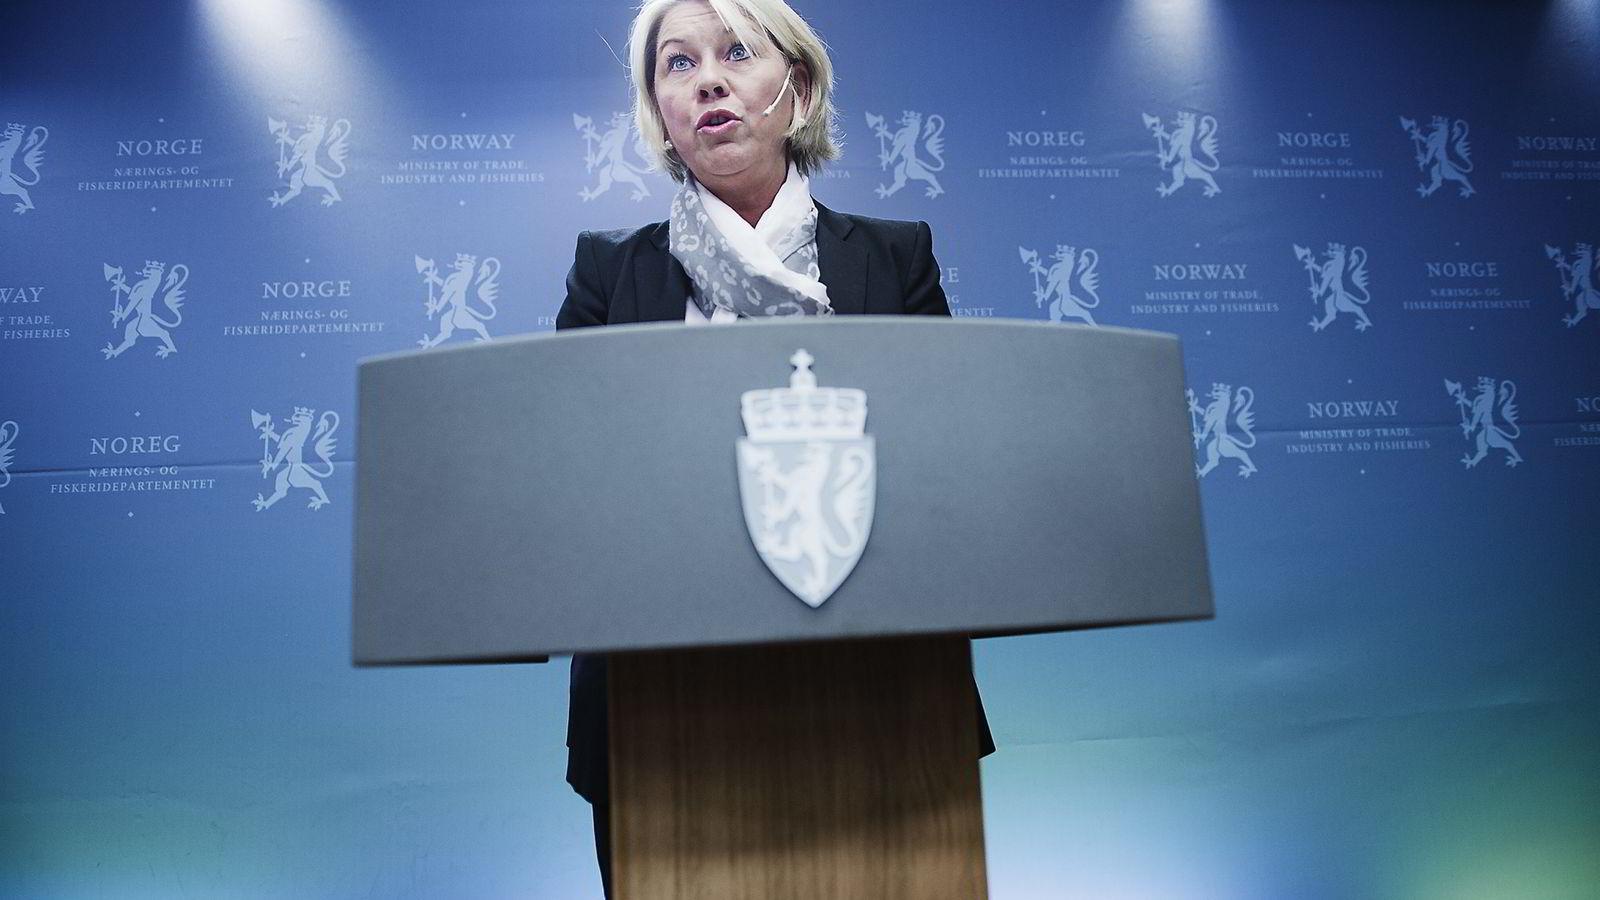 AKSJER. Næringsminister Monica Mæland på pressekonferansen der hun snakker om at Entra skal børsnoteres. Foto: Hampus Lundgren